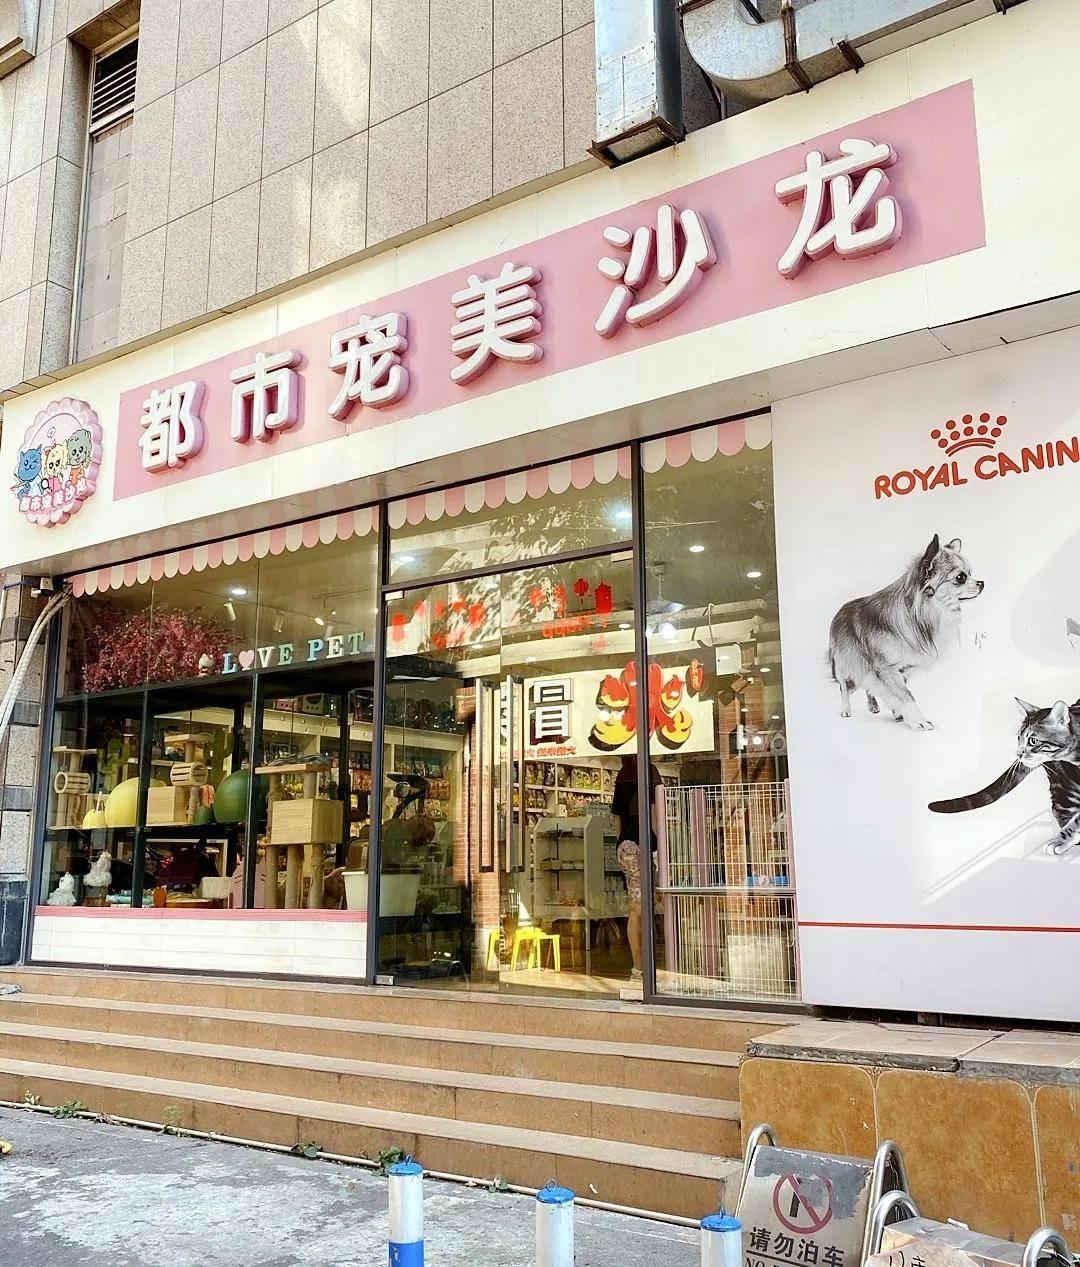 小僧探店 隐于重庆老街却拥有大量高黏度客户,宠物行业没有捷径可走。